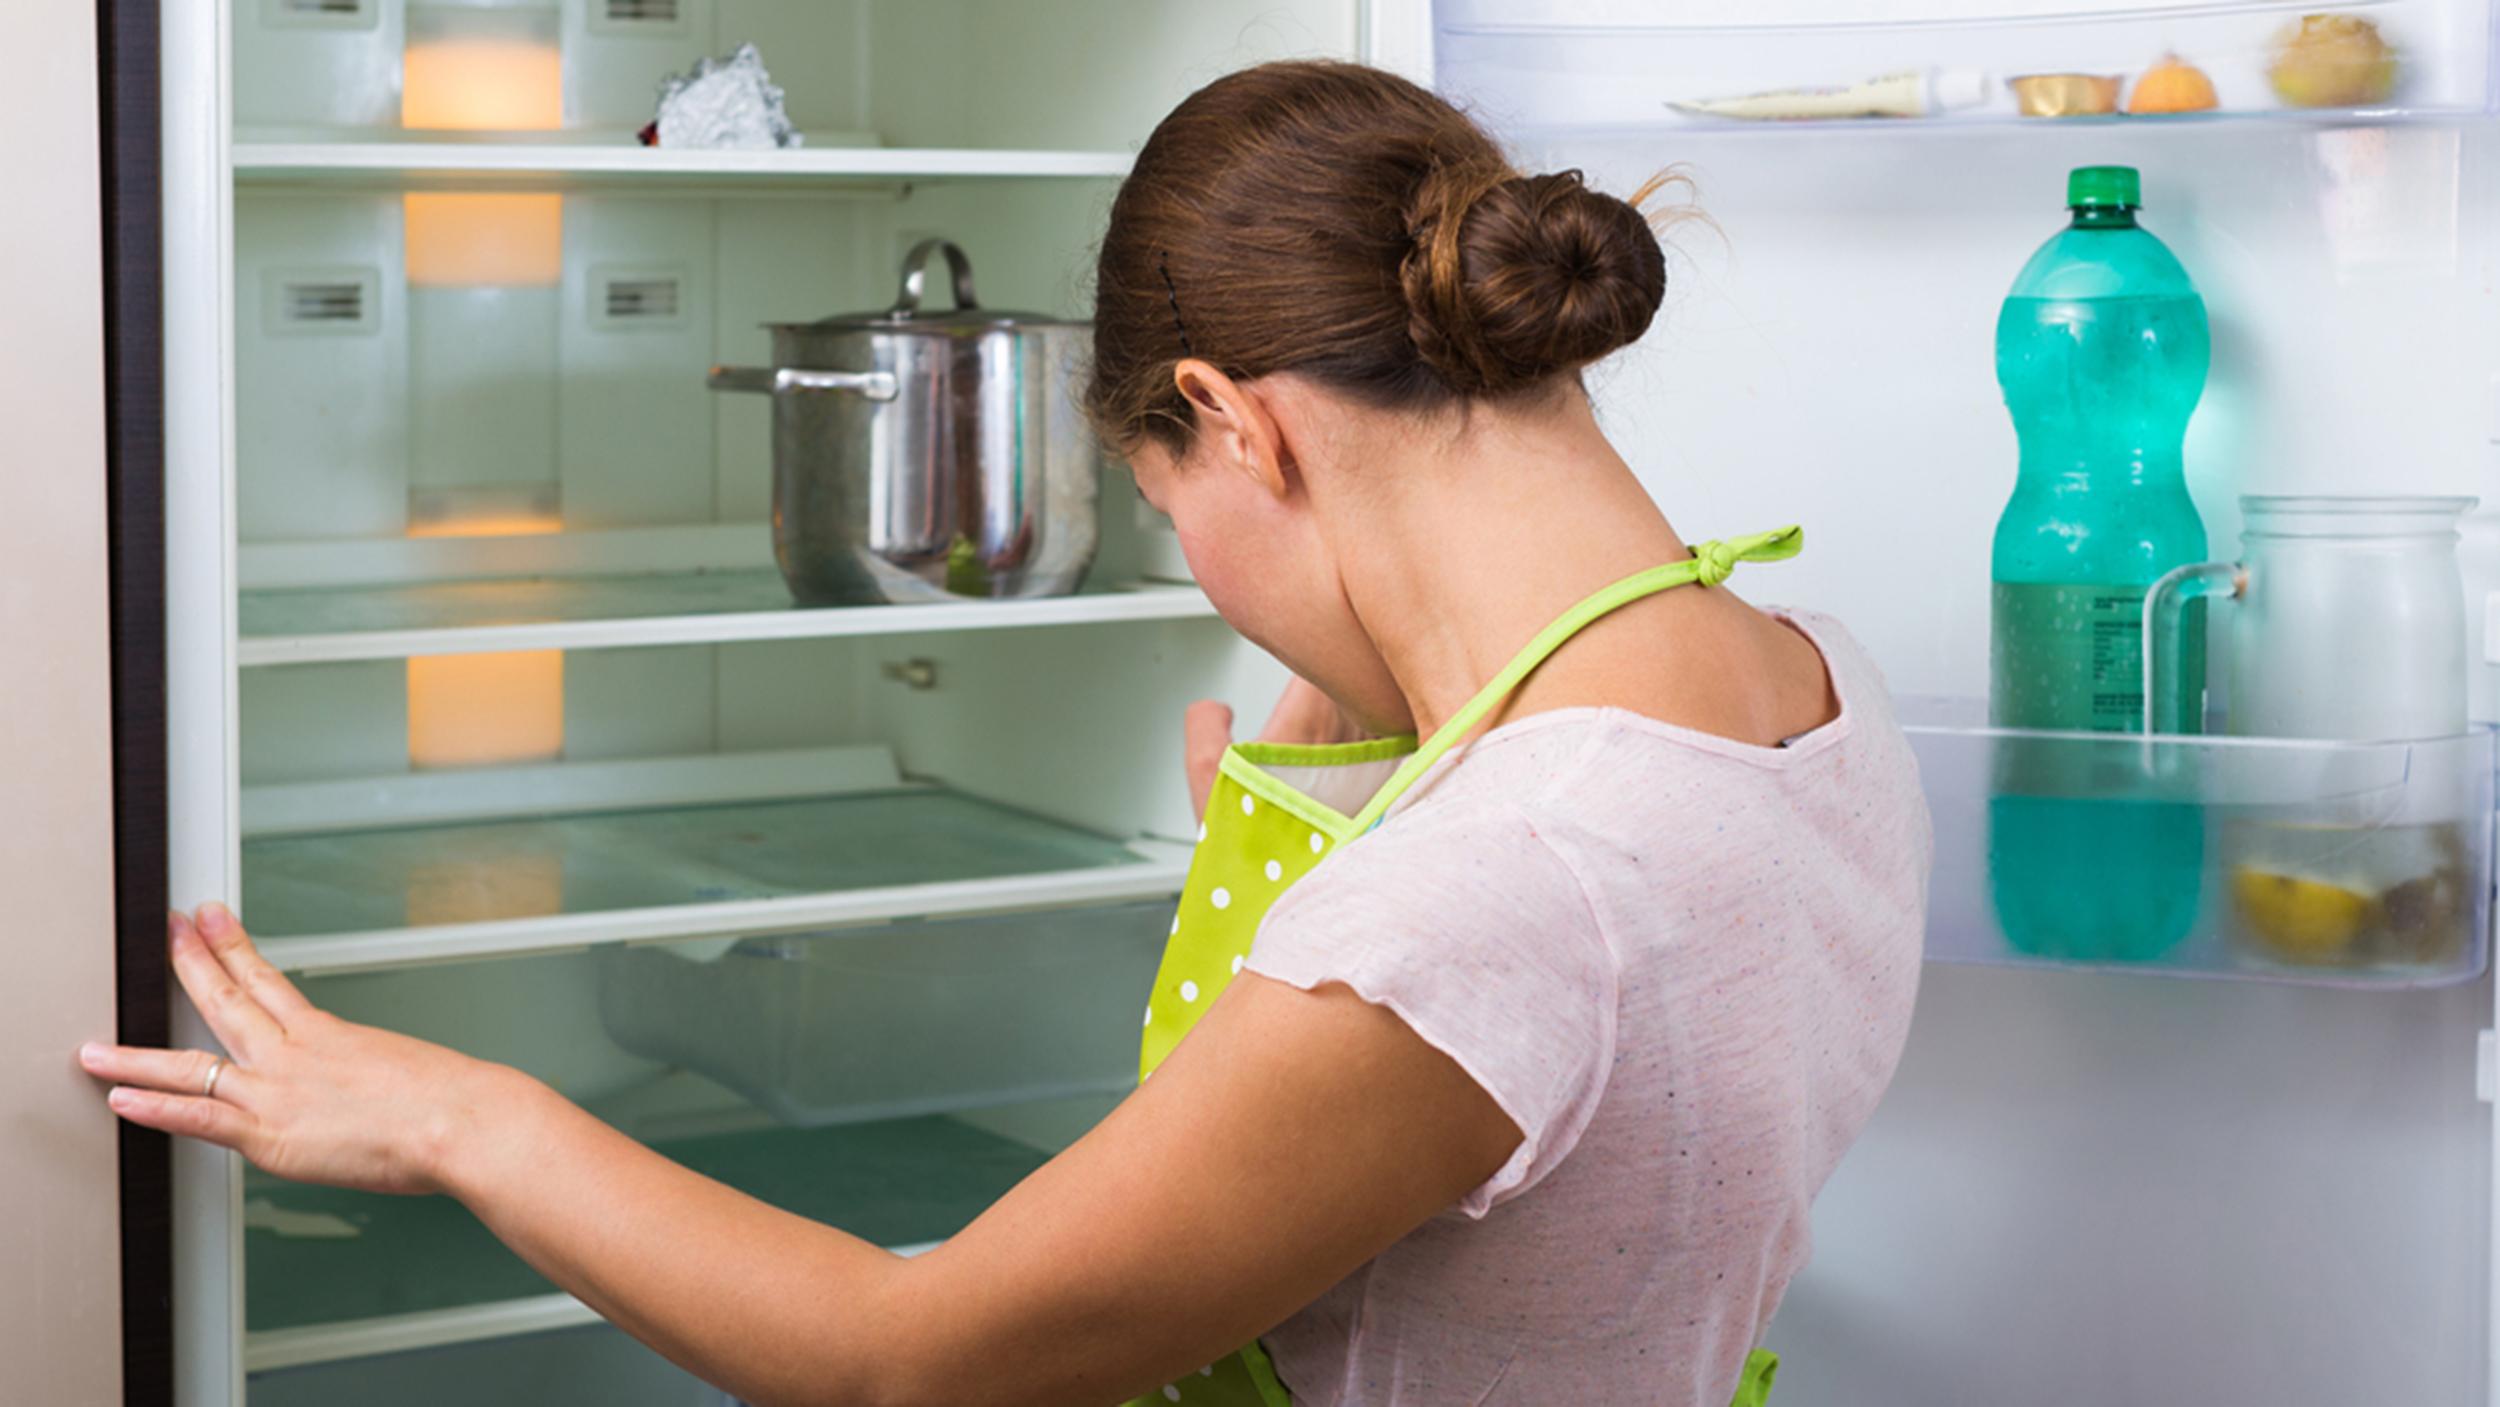 Что ложат в холодильник чтобы не было запаха